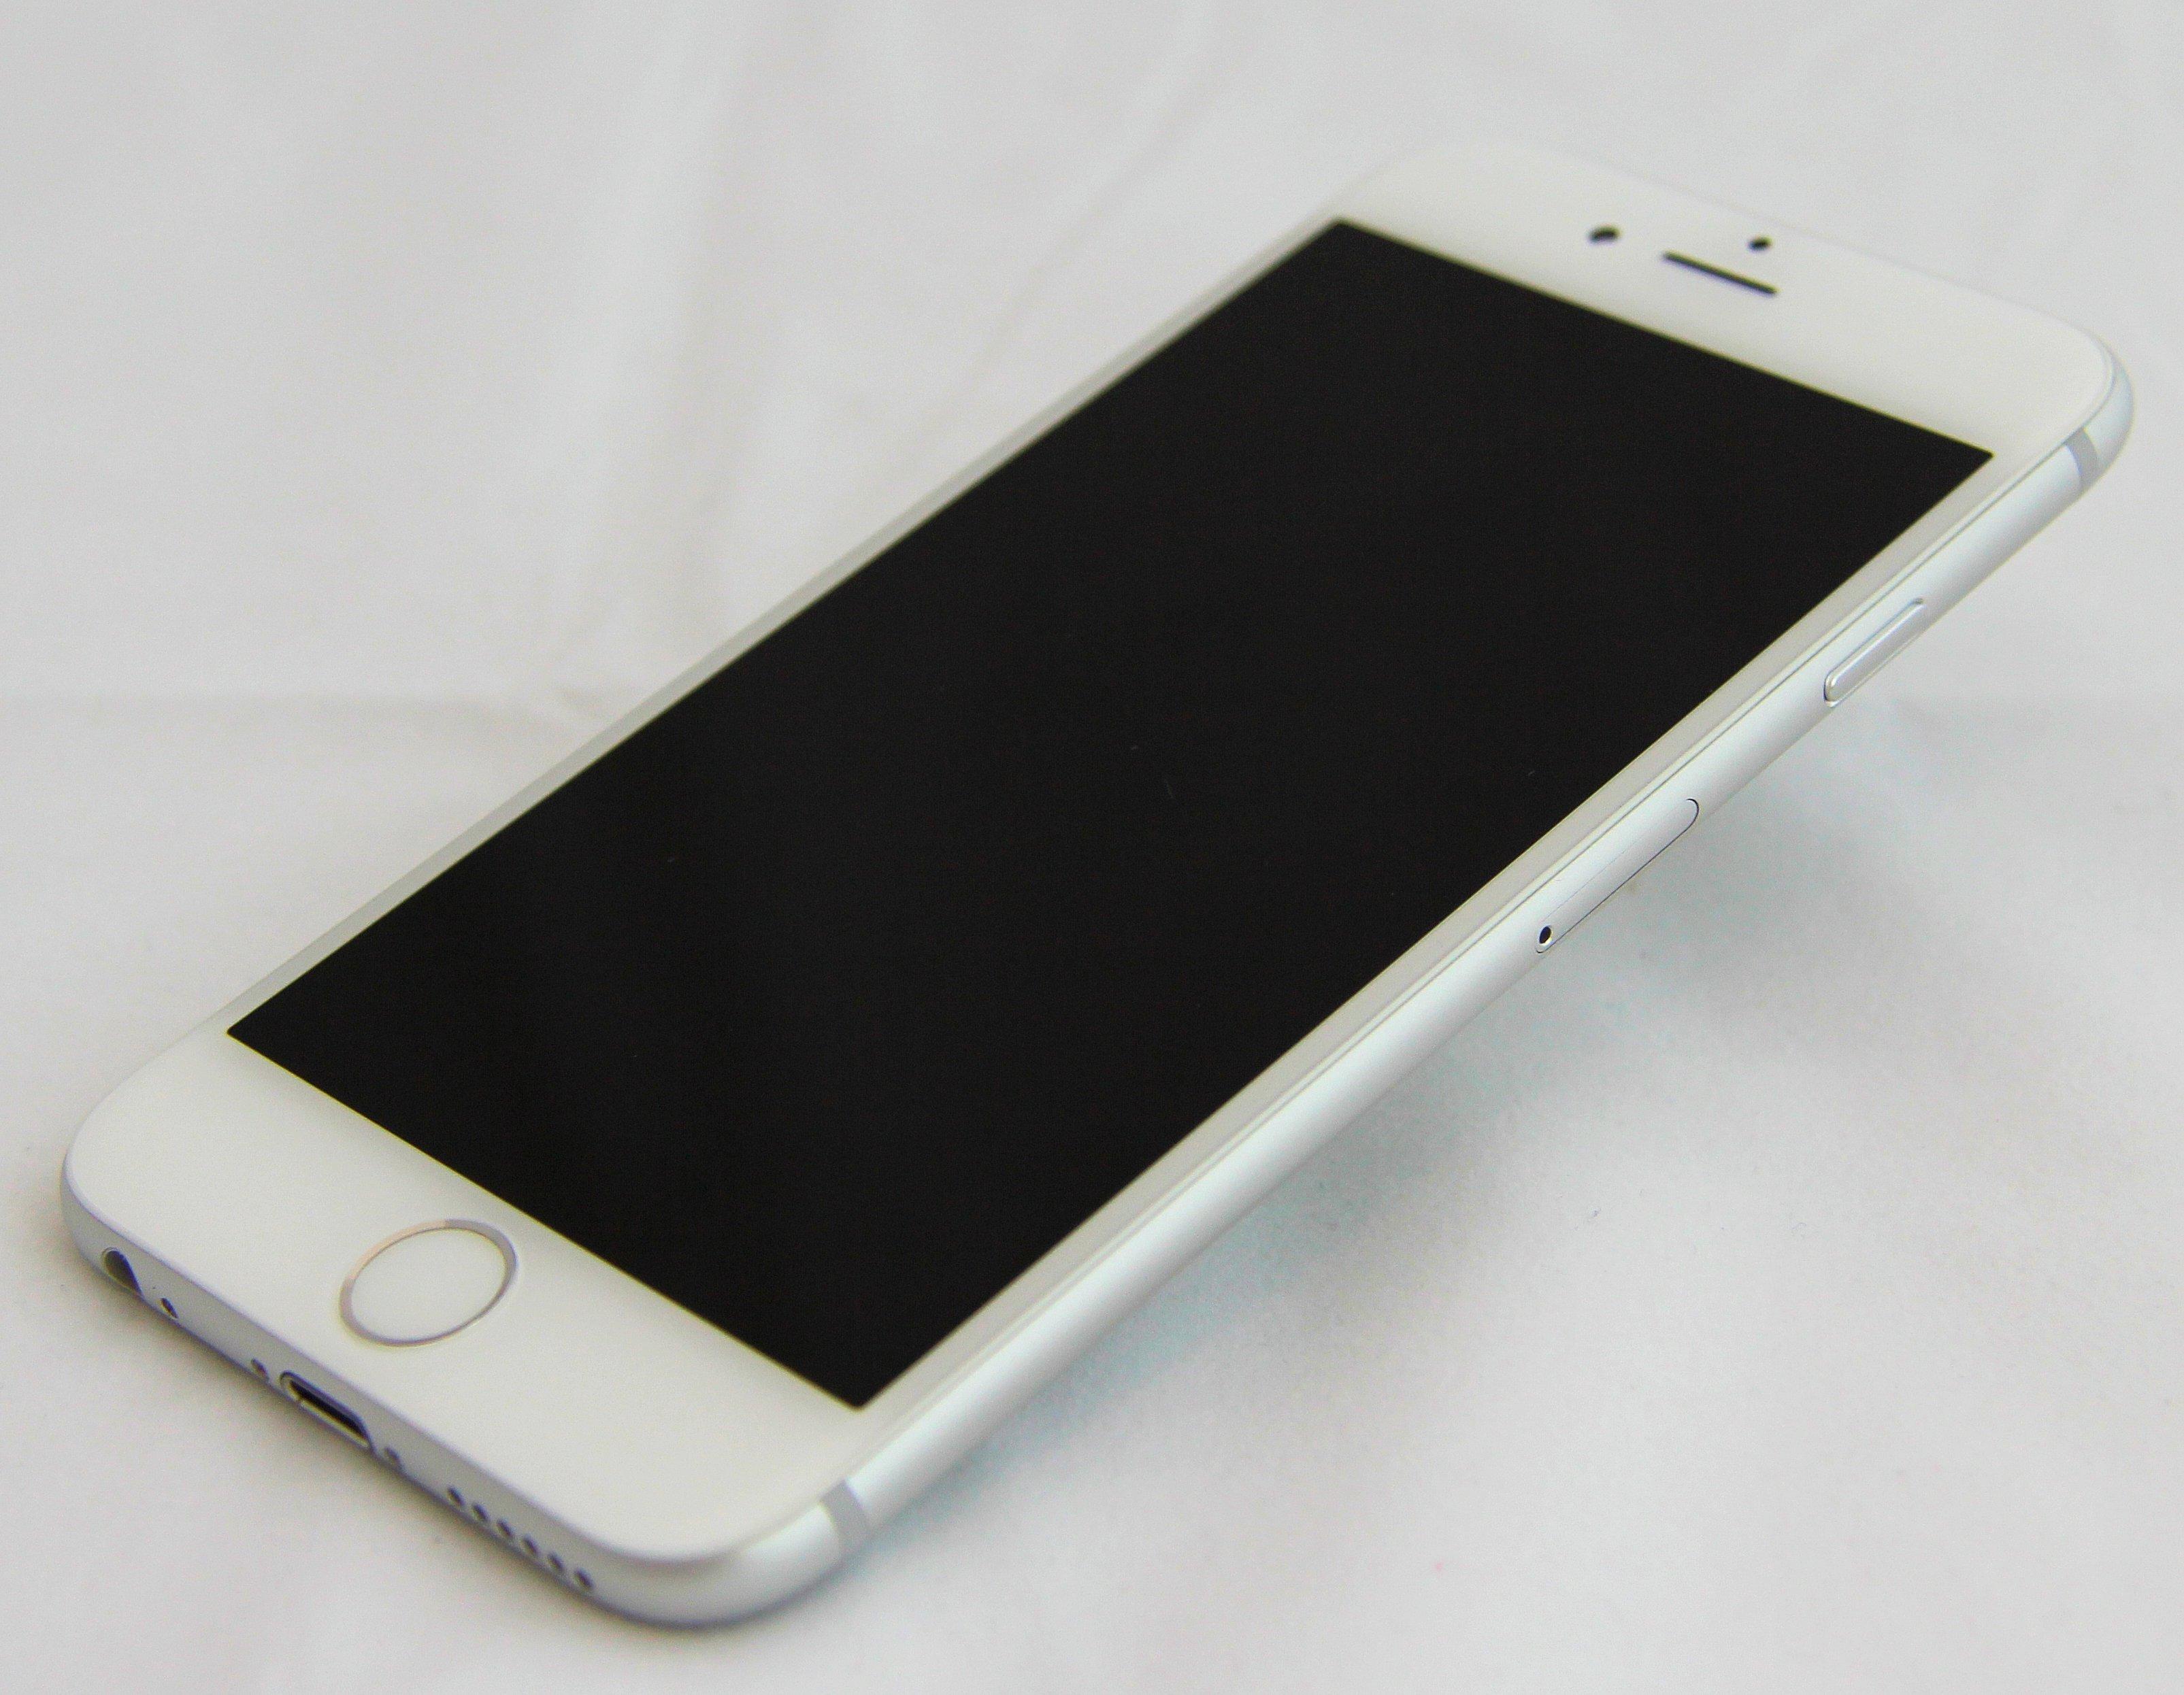 ortung beim iphone 6s Plus ausschalten